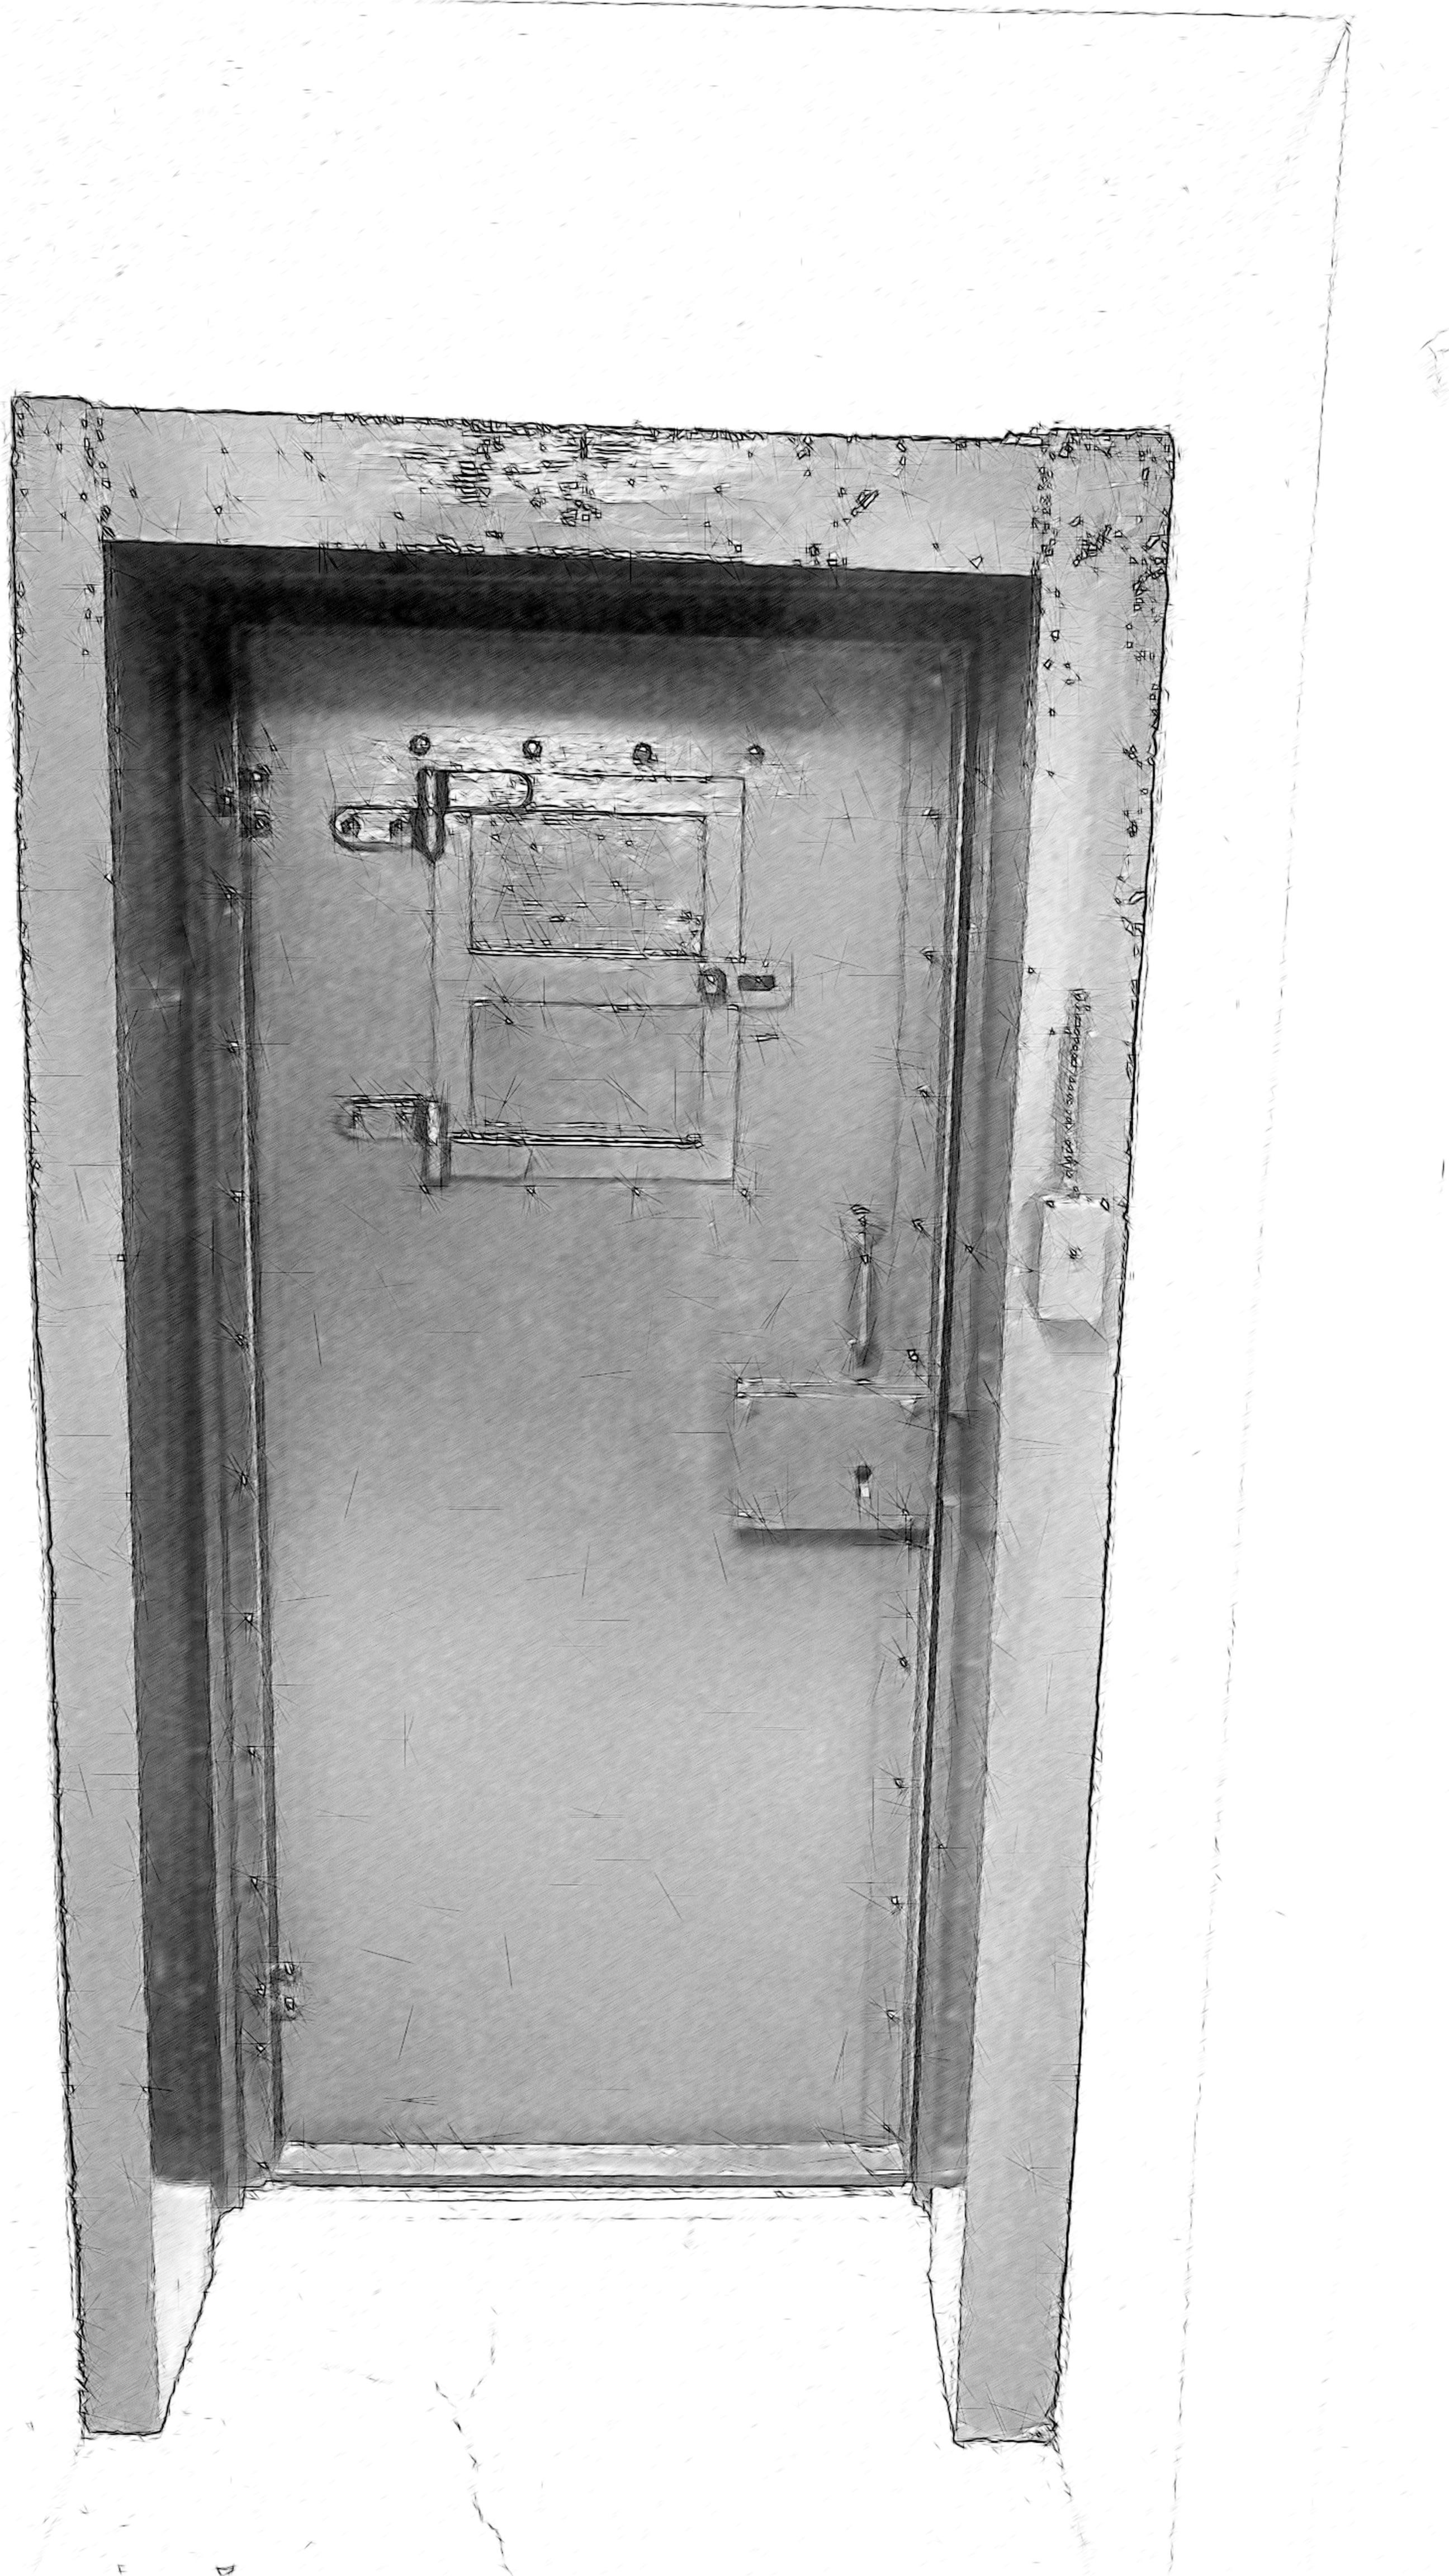 Porte ferm e dessin for La porte city jail